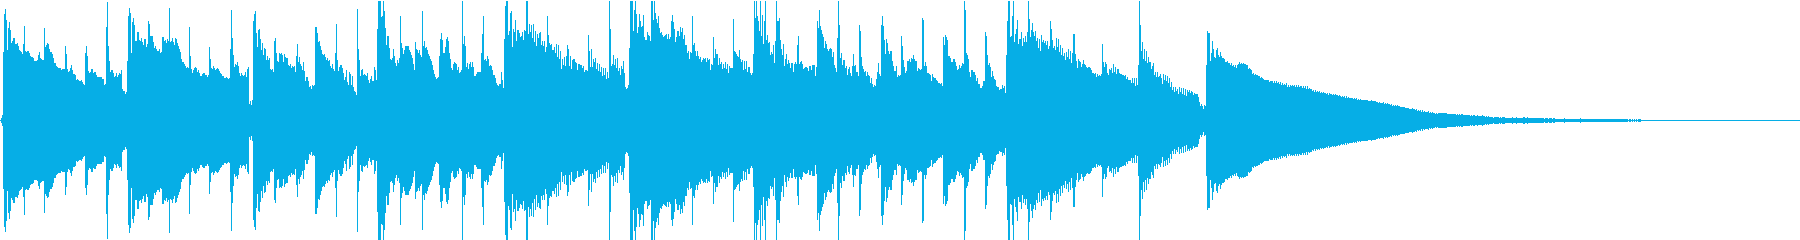 ハーモニクスが美しいガットギタージングルの再生済みの波形